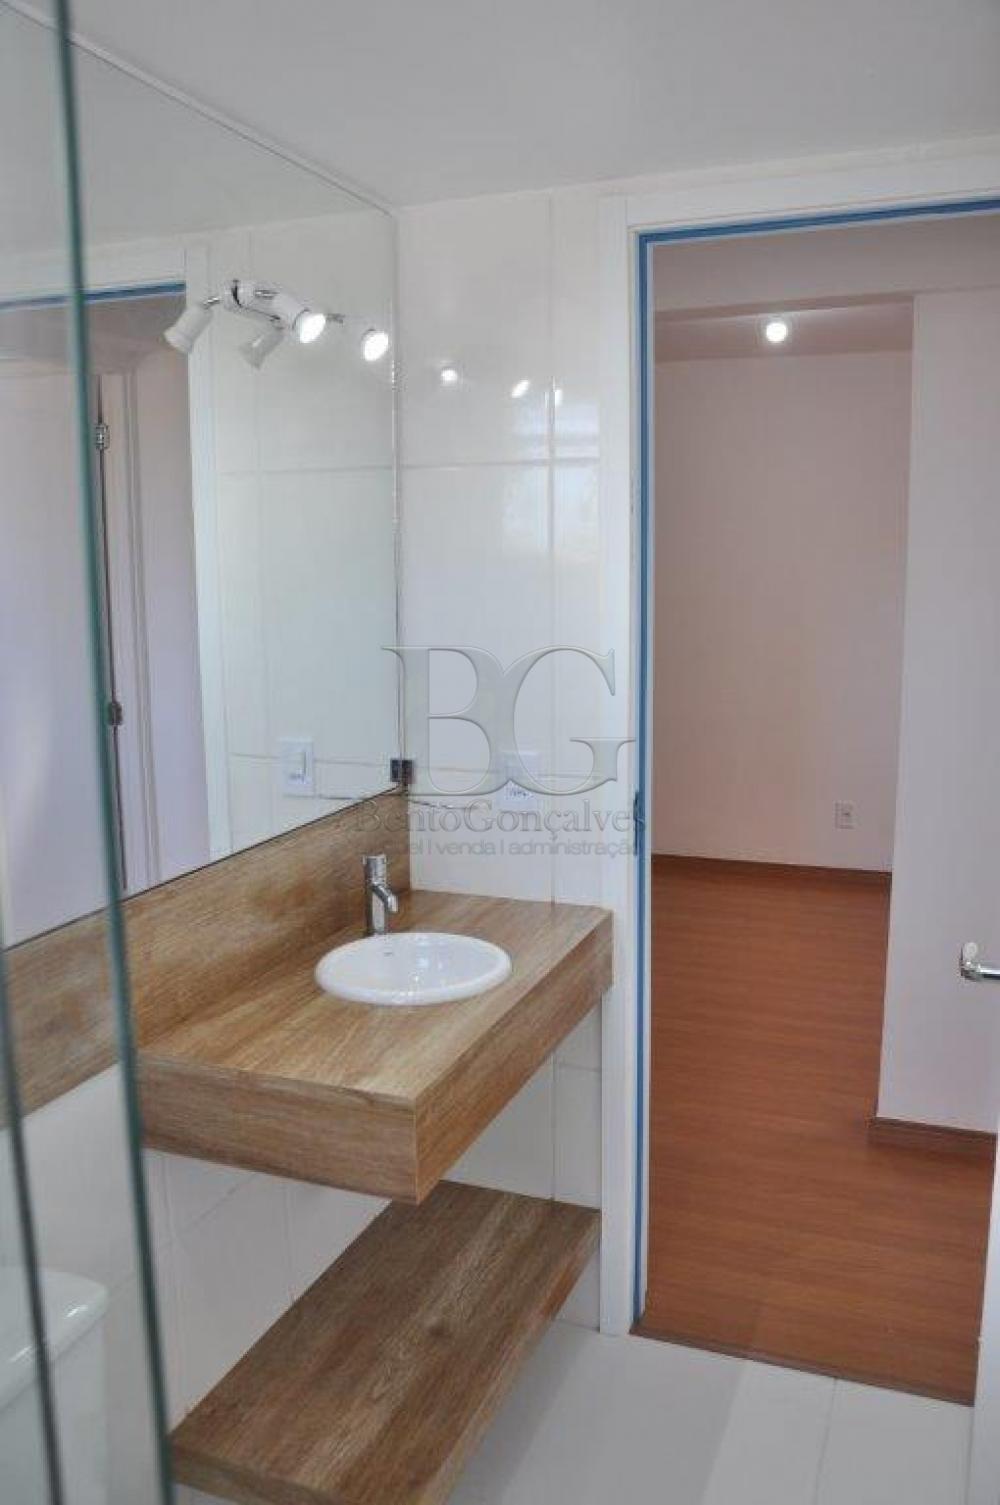 Alugar Apartamentos / Padrão em Poços de Caldas apenas R$ 650,00 - Foto 10